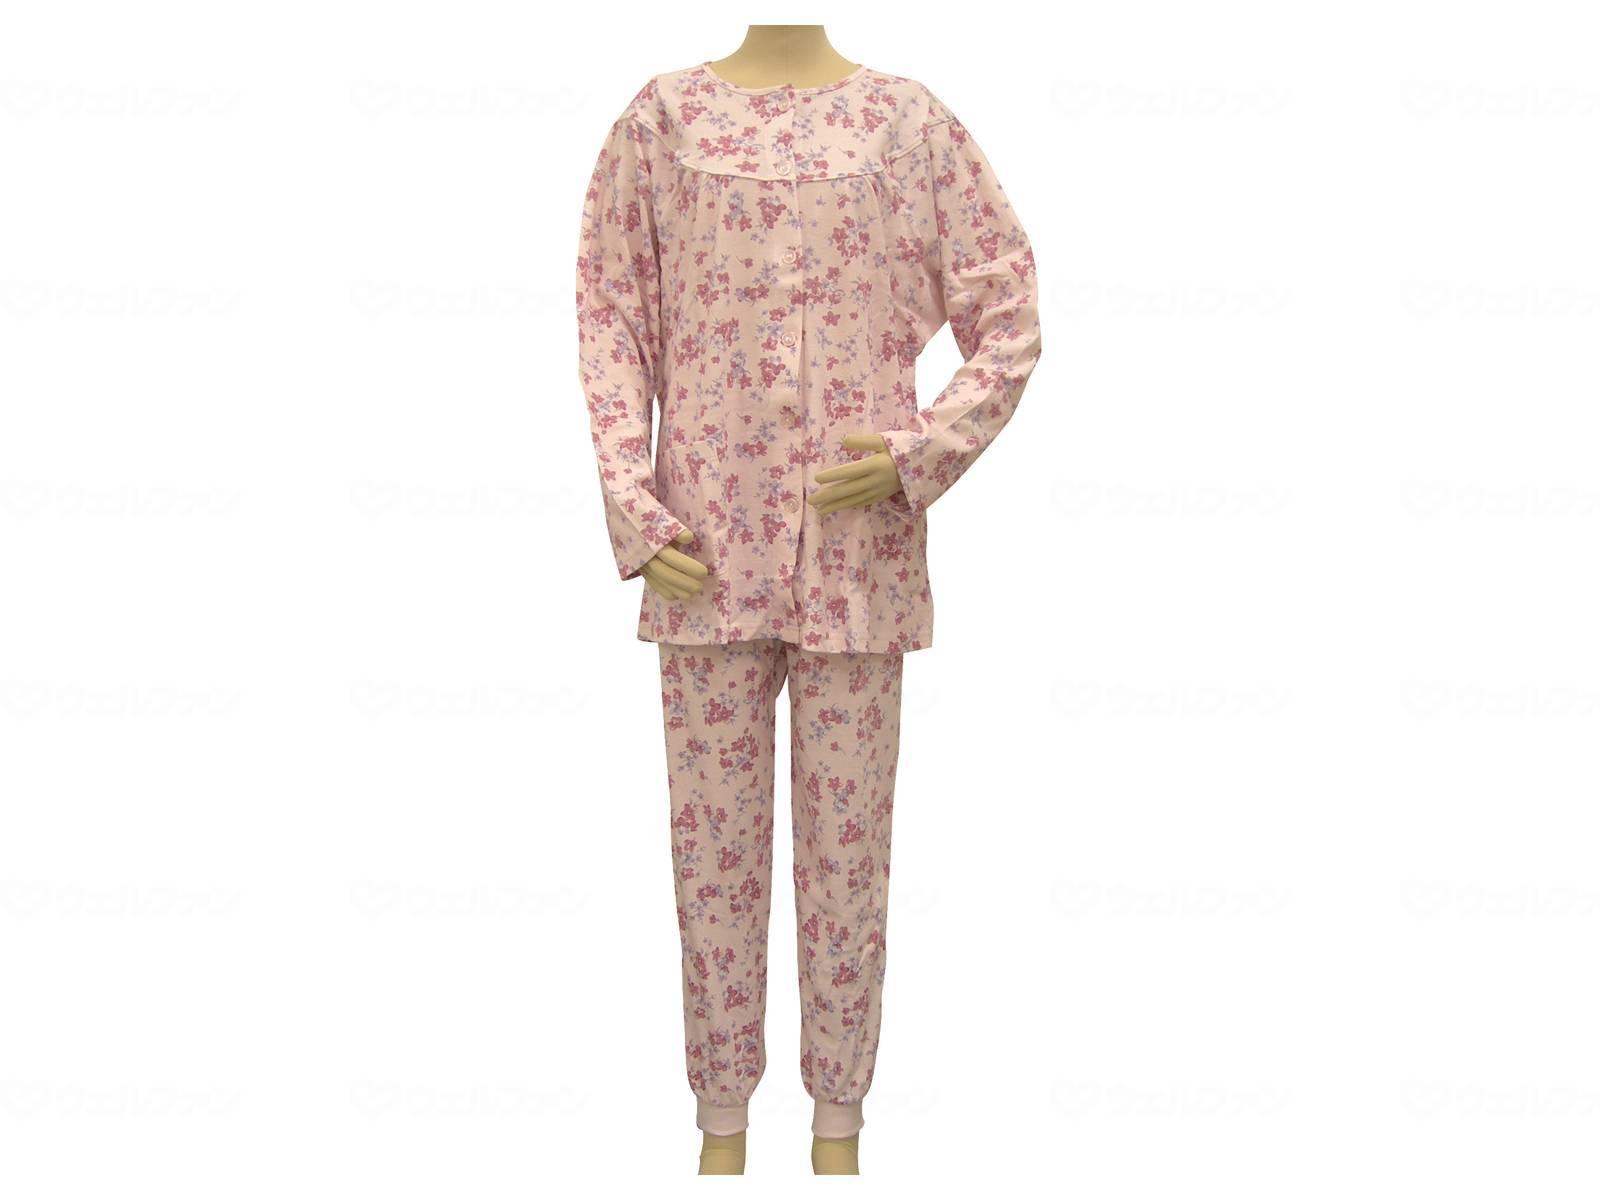 簡単着替えパジャマ 婦人用